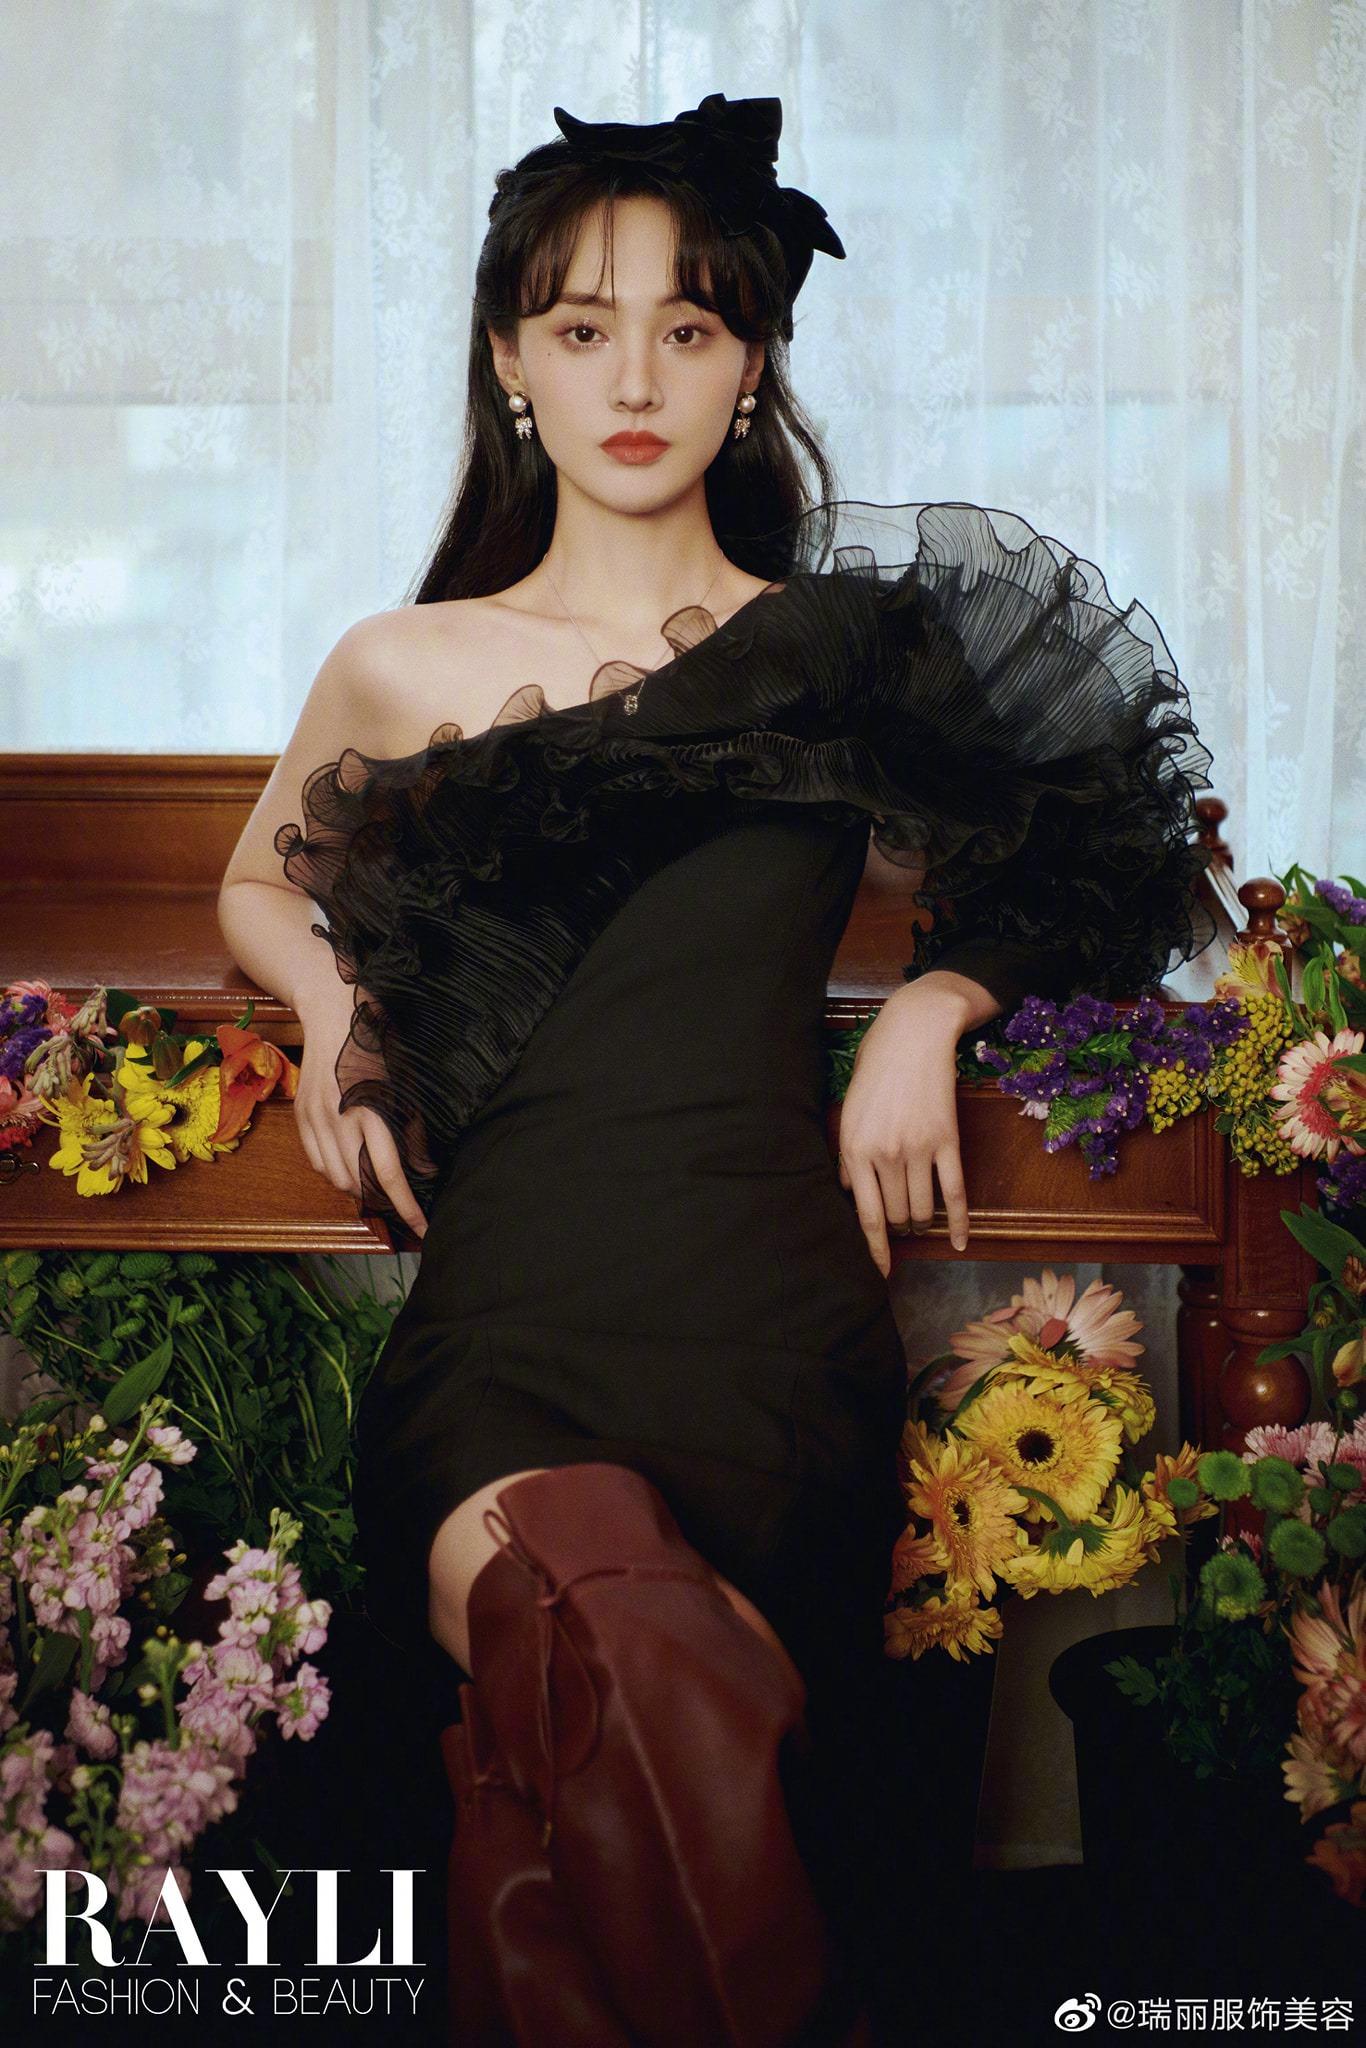 Váy đen không phải lúc nào cũng tôn dáng: Trịnh Sảng sang như bà hoàng, còn Lia (ITZY) thấy thương vì bị dìm dáng - Ảnh 4.